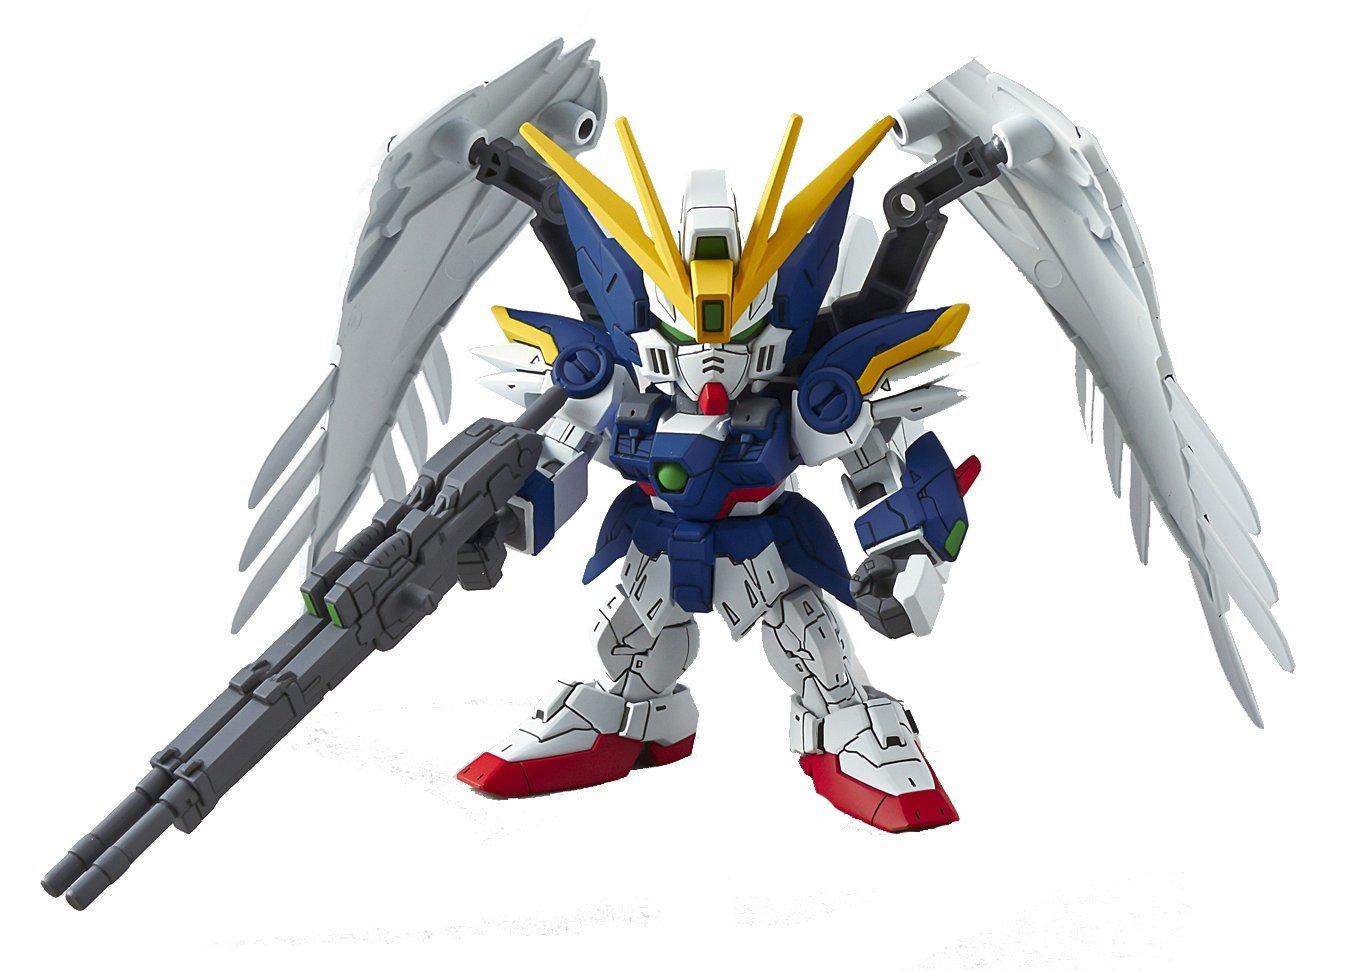 Bandai Hobby SD EX-Standard Wing Gundam Zero Version EW Action Figure